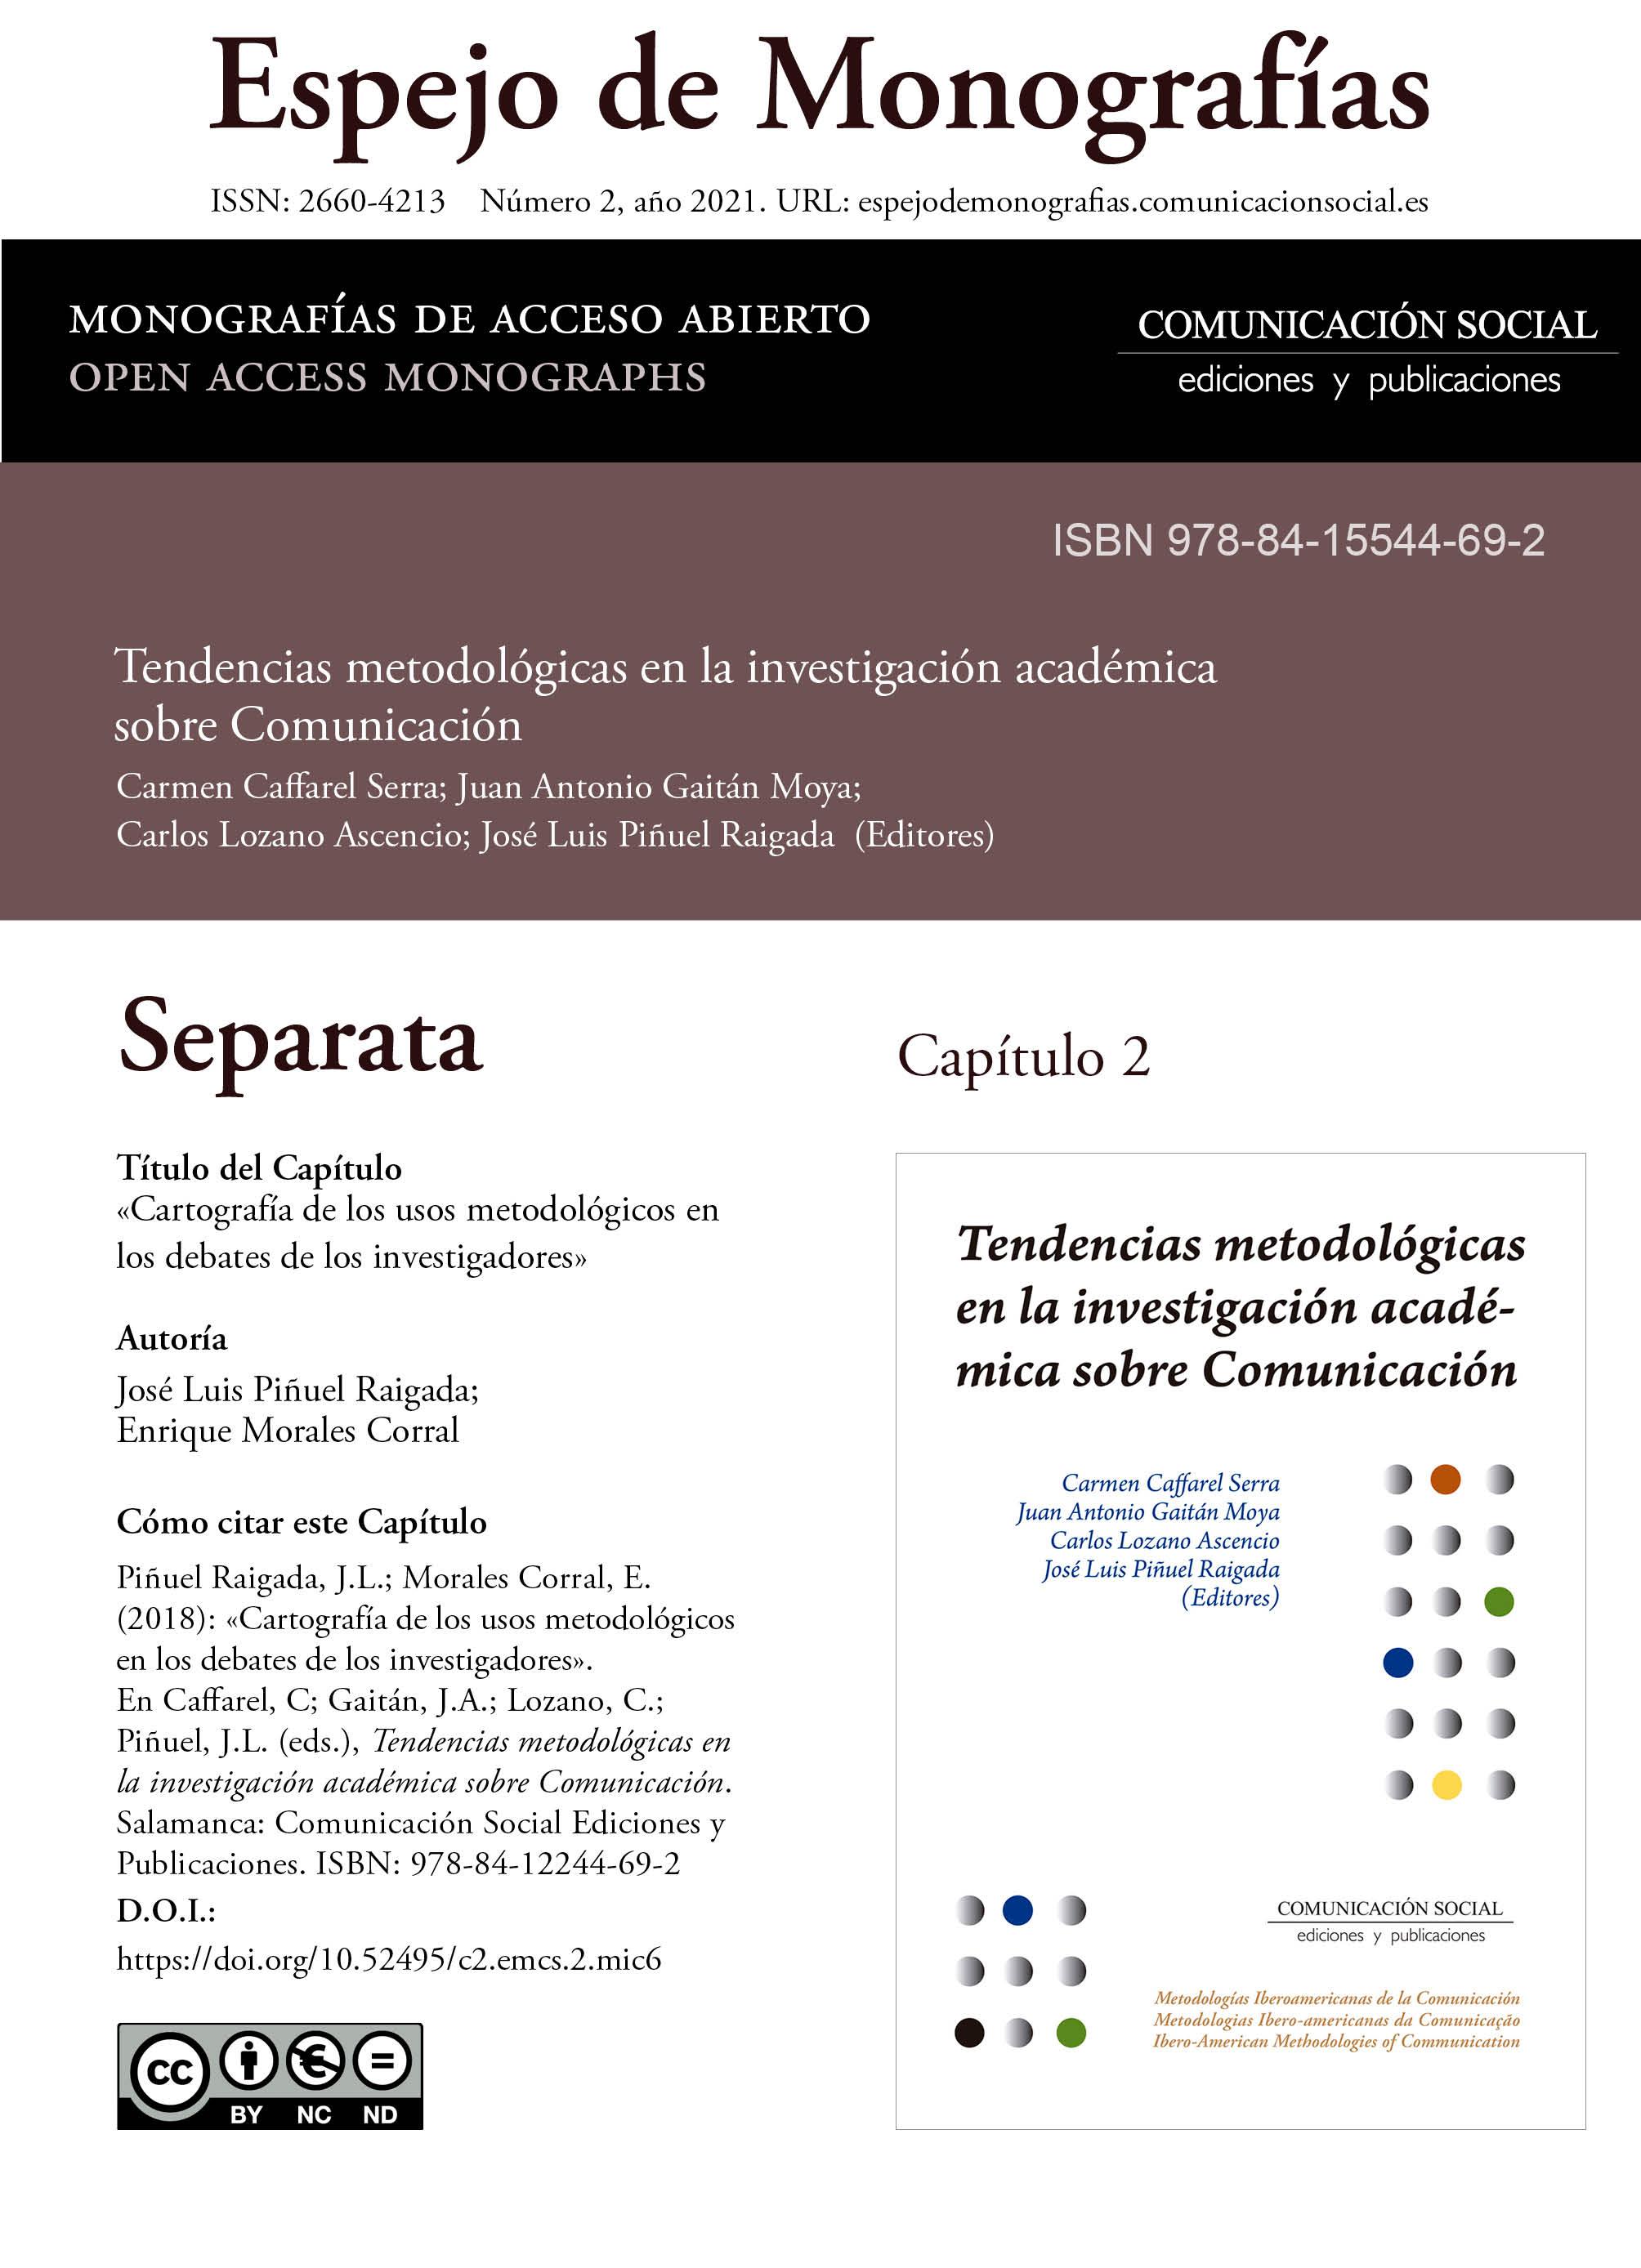 Separata del Capítulo 2 correspondiente a la monografía Tendencias metodológicas en la investigación académica en Comunicación